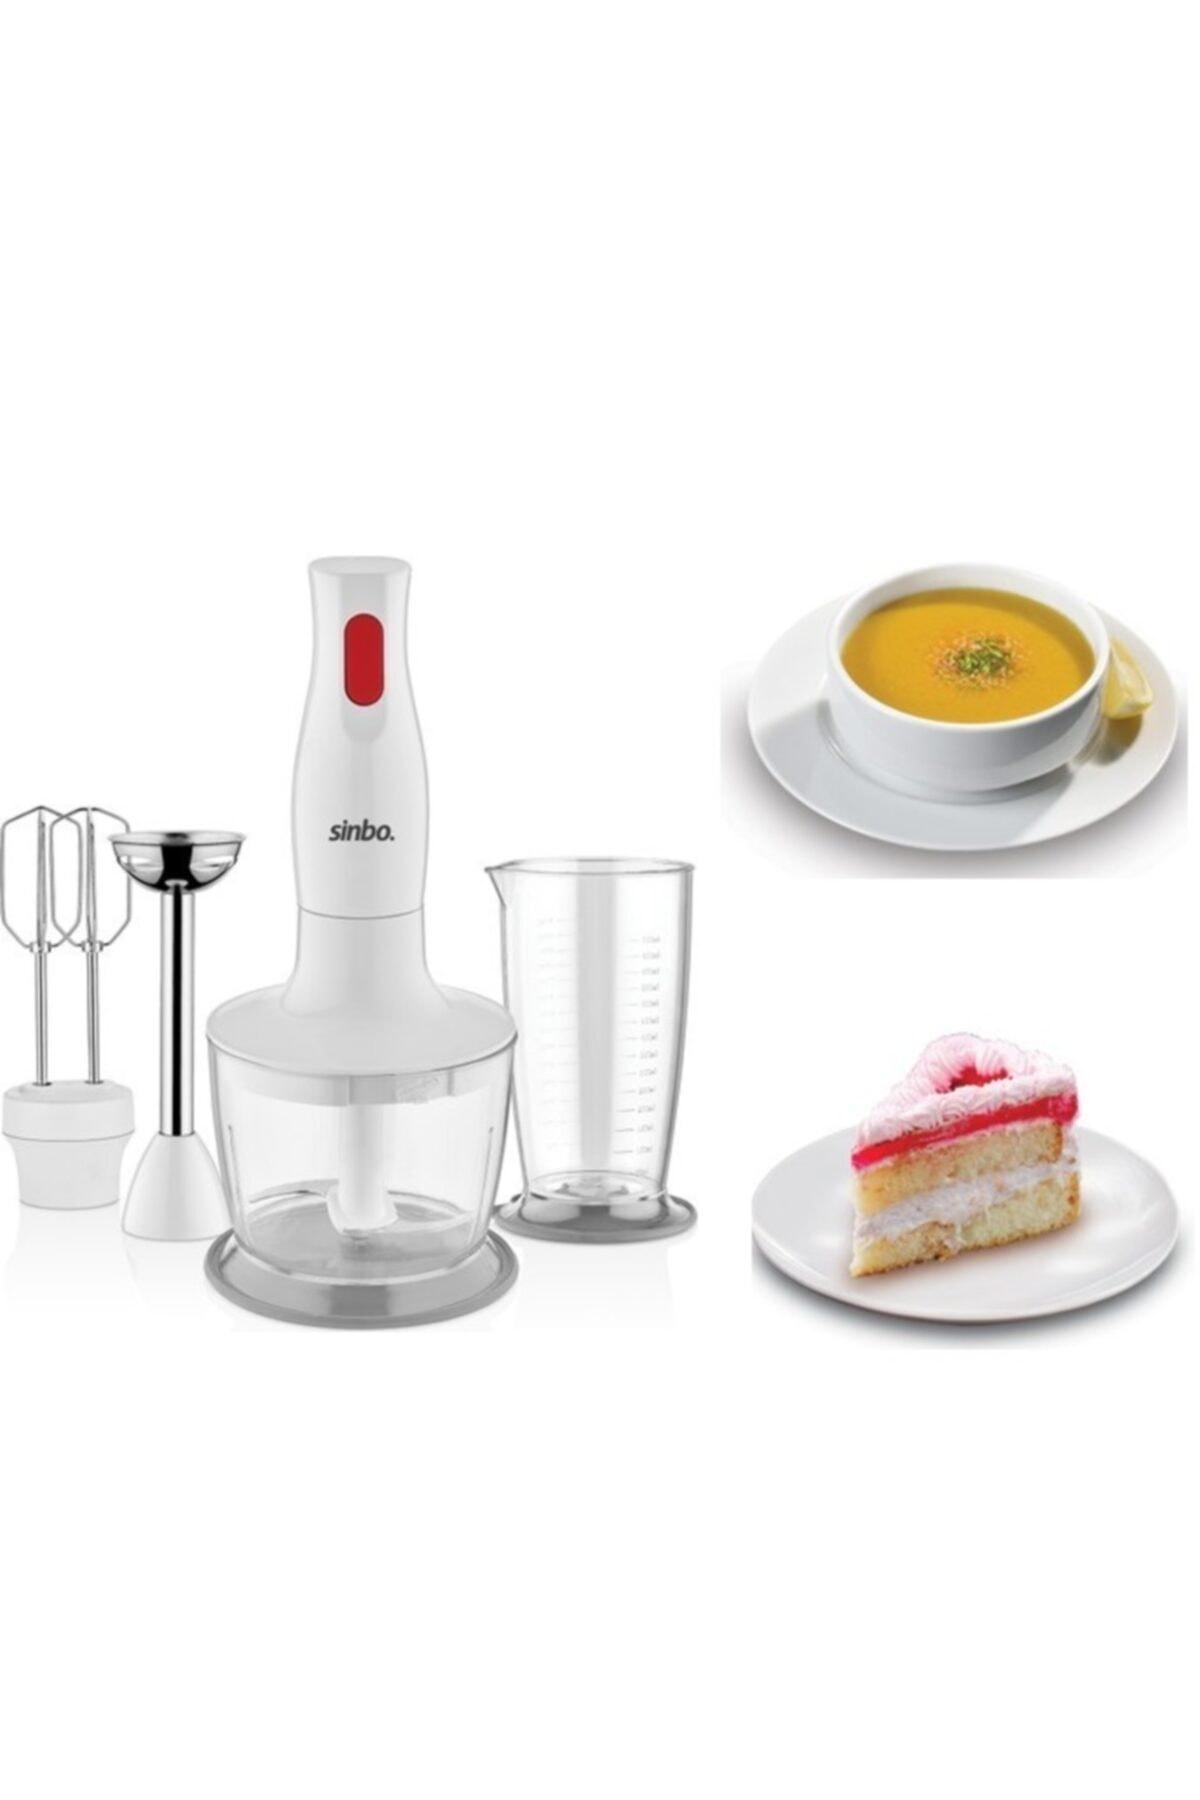 Sinbo Orıjınal Ürün 3147 Blender Set Beyaz-paslanmaz Çelik Bıçaklı 1